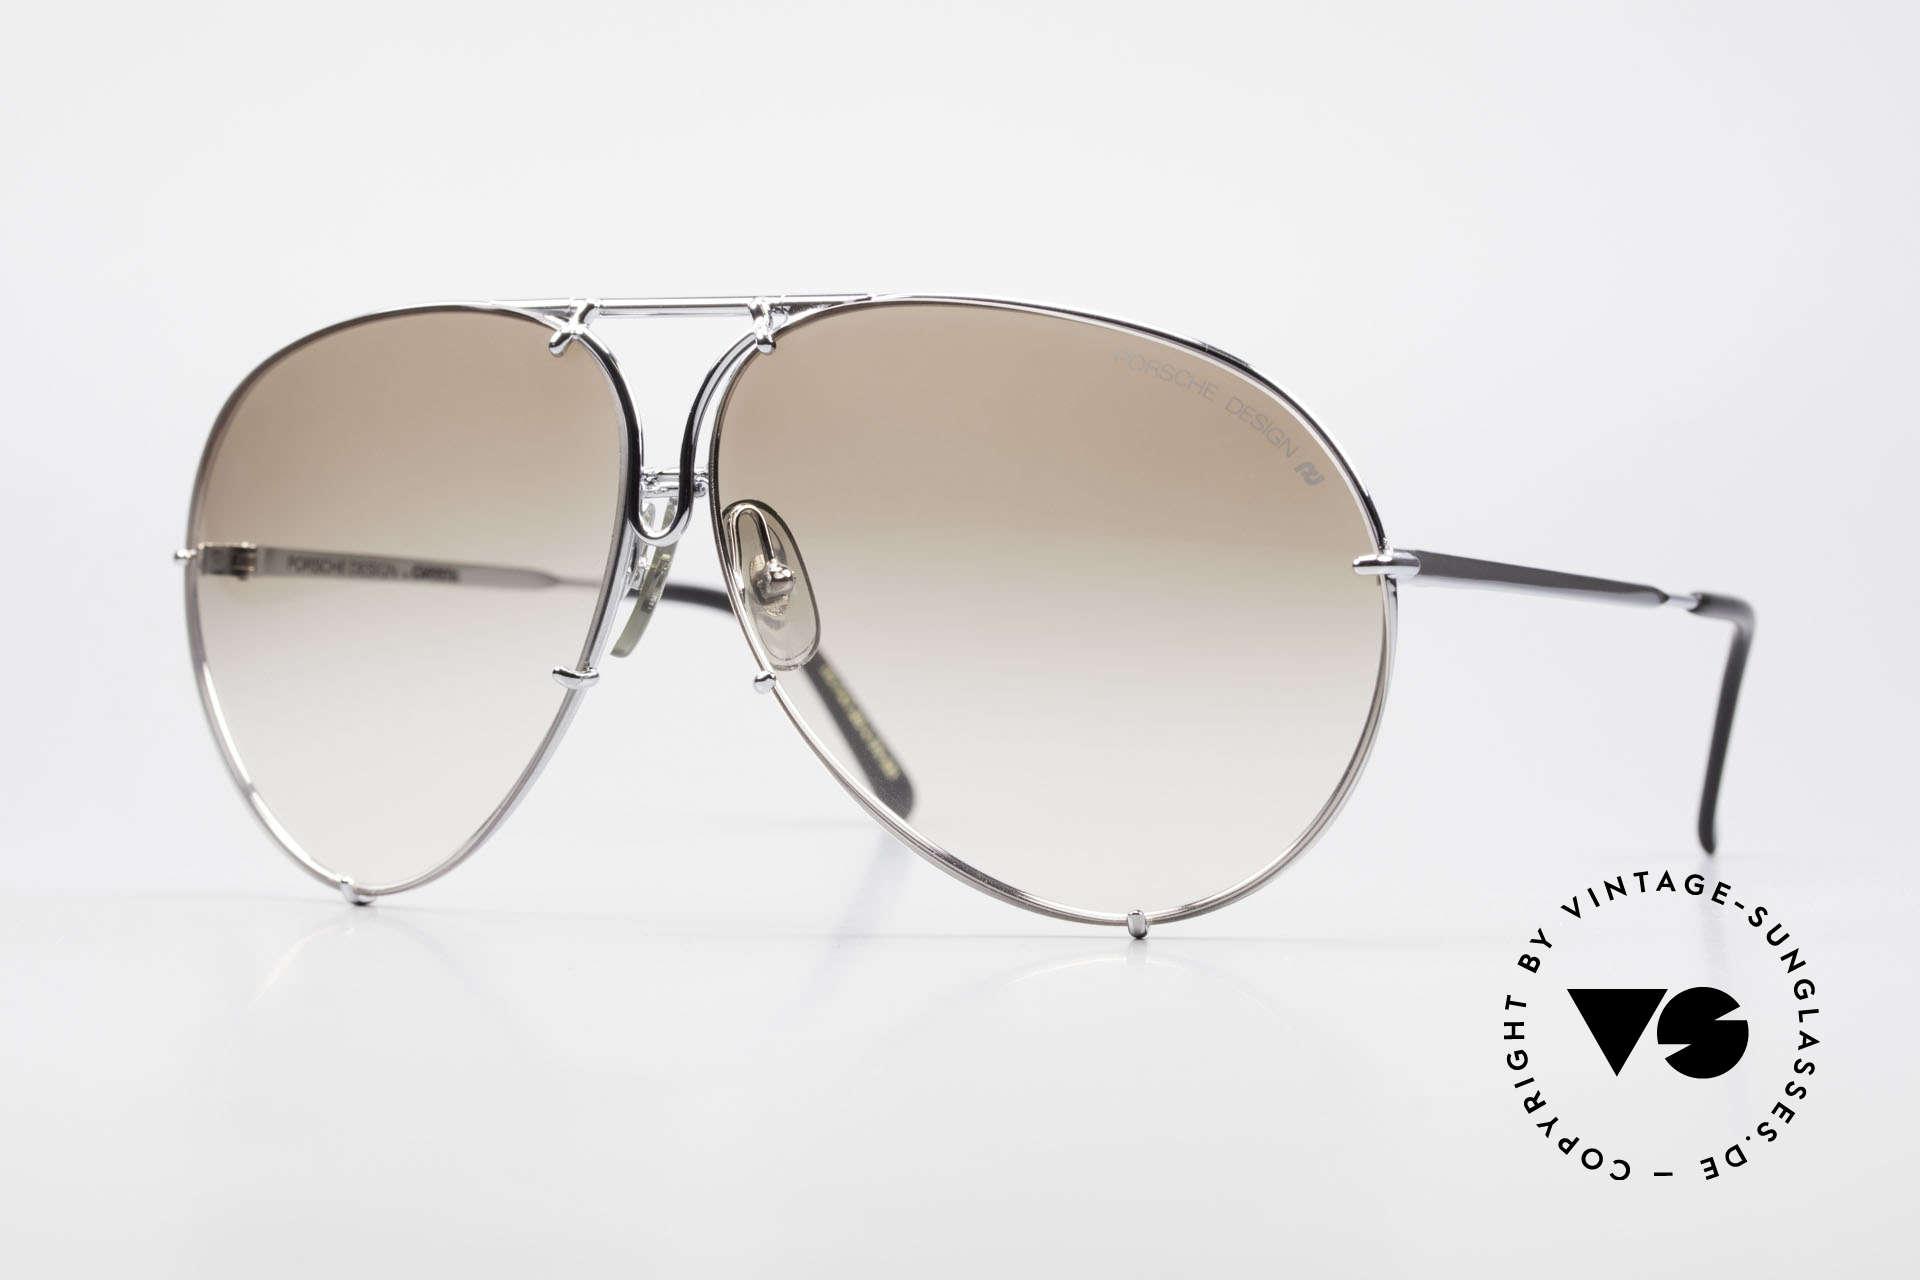 Porsche 5621 80er Brillenklassiker Herren, alte 80er Porsche Sonnenbrille mit Wechselgläsern, Passend für Herren